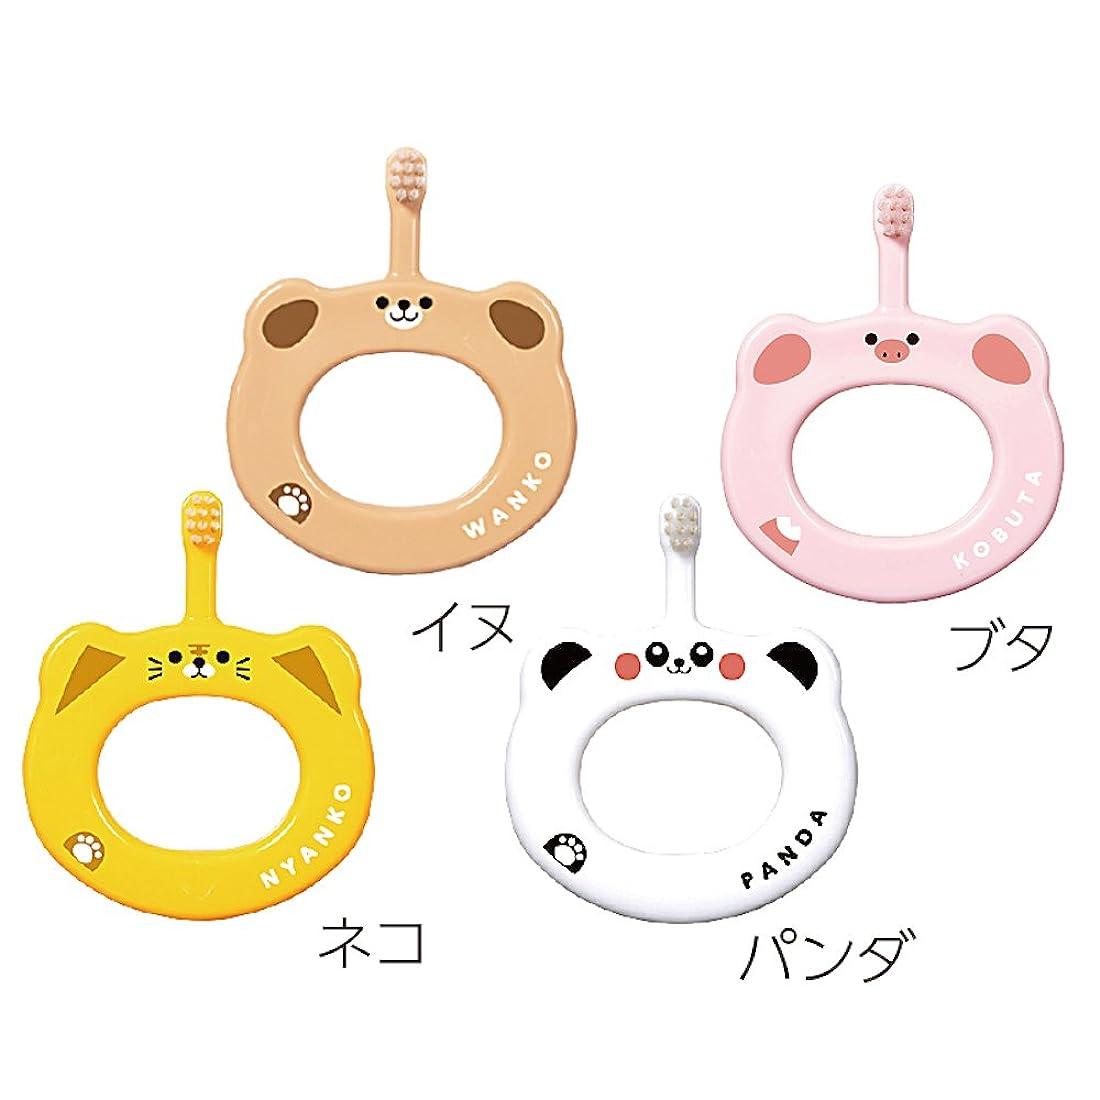 テープゴネリル霧Ci ベビー 歯ブラシ 動物柄 リング 4本セット (ブタ、パンダ、ネコ、イヌ)